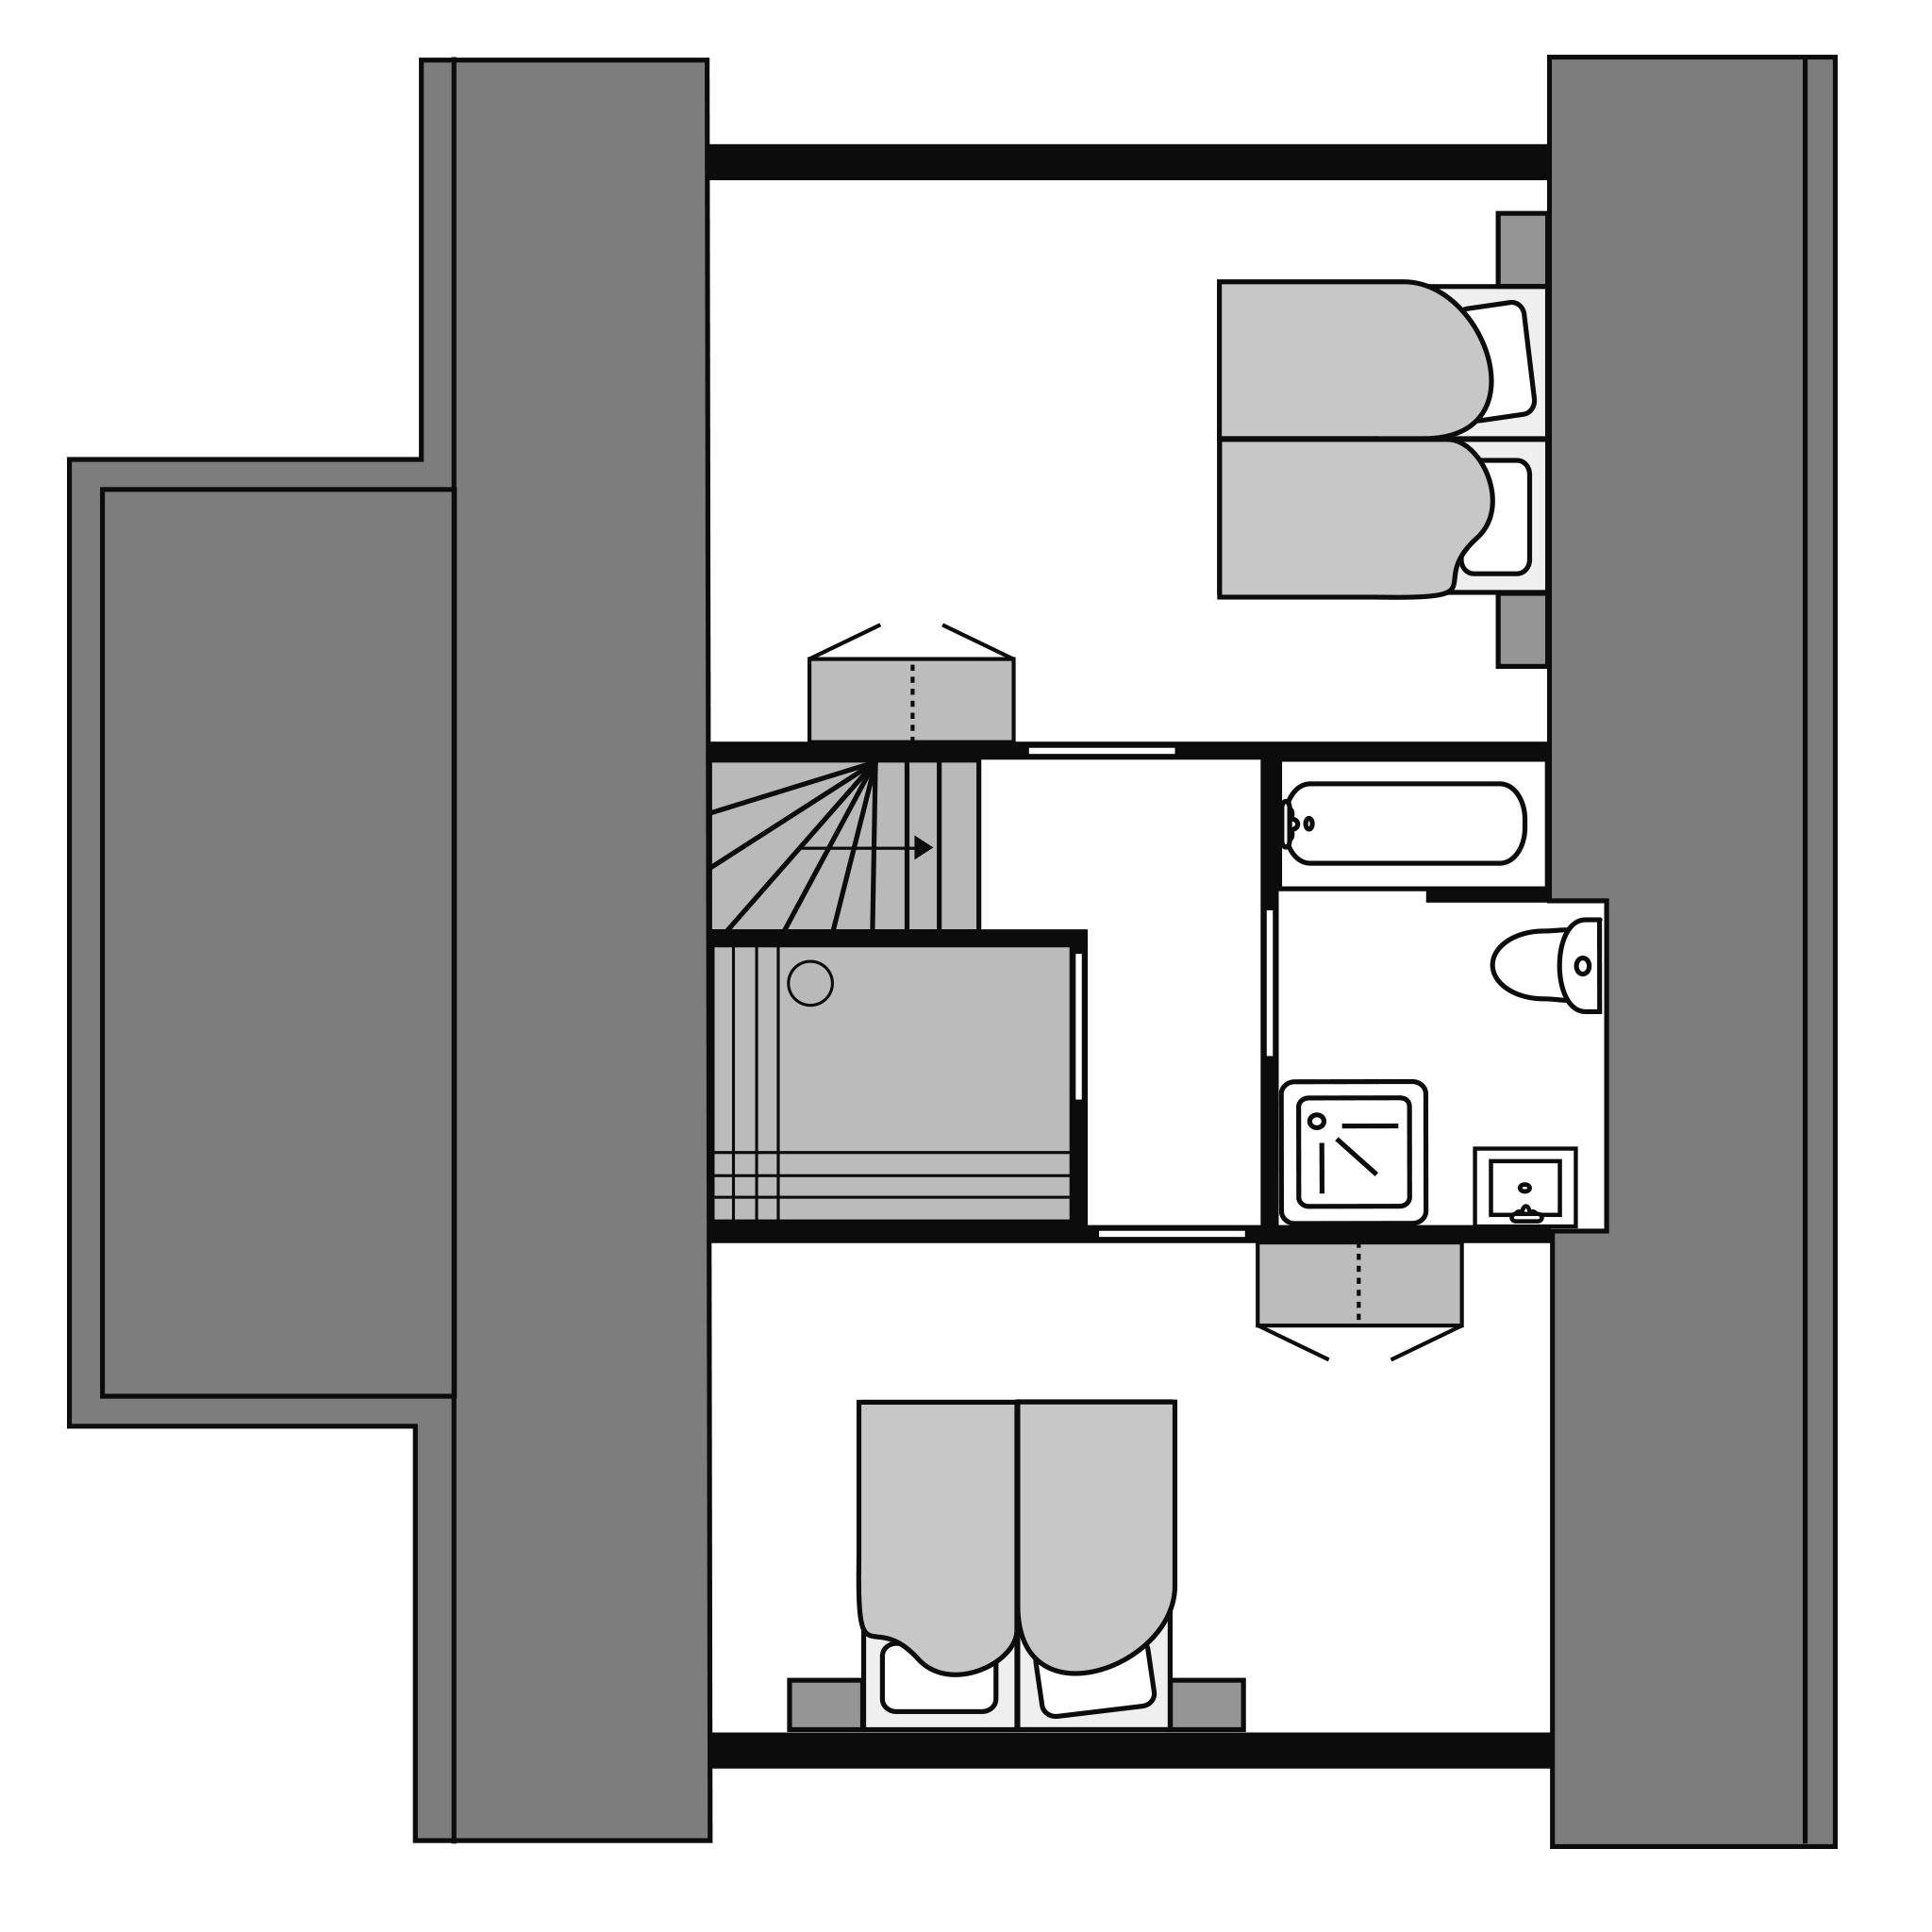 Ferienwohnung Luxus 6-Personen-Ferienhaus im Ferienpark Landal De Vers - am Wasser/Freizeitsee gelegen (2669908), Overloon, , Nordbrabant, Niederlande, Bild 22